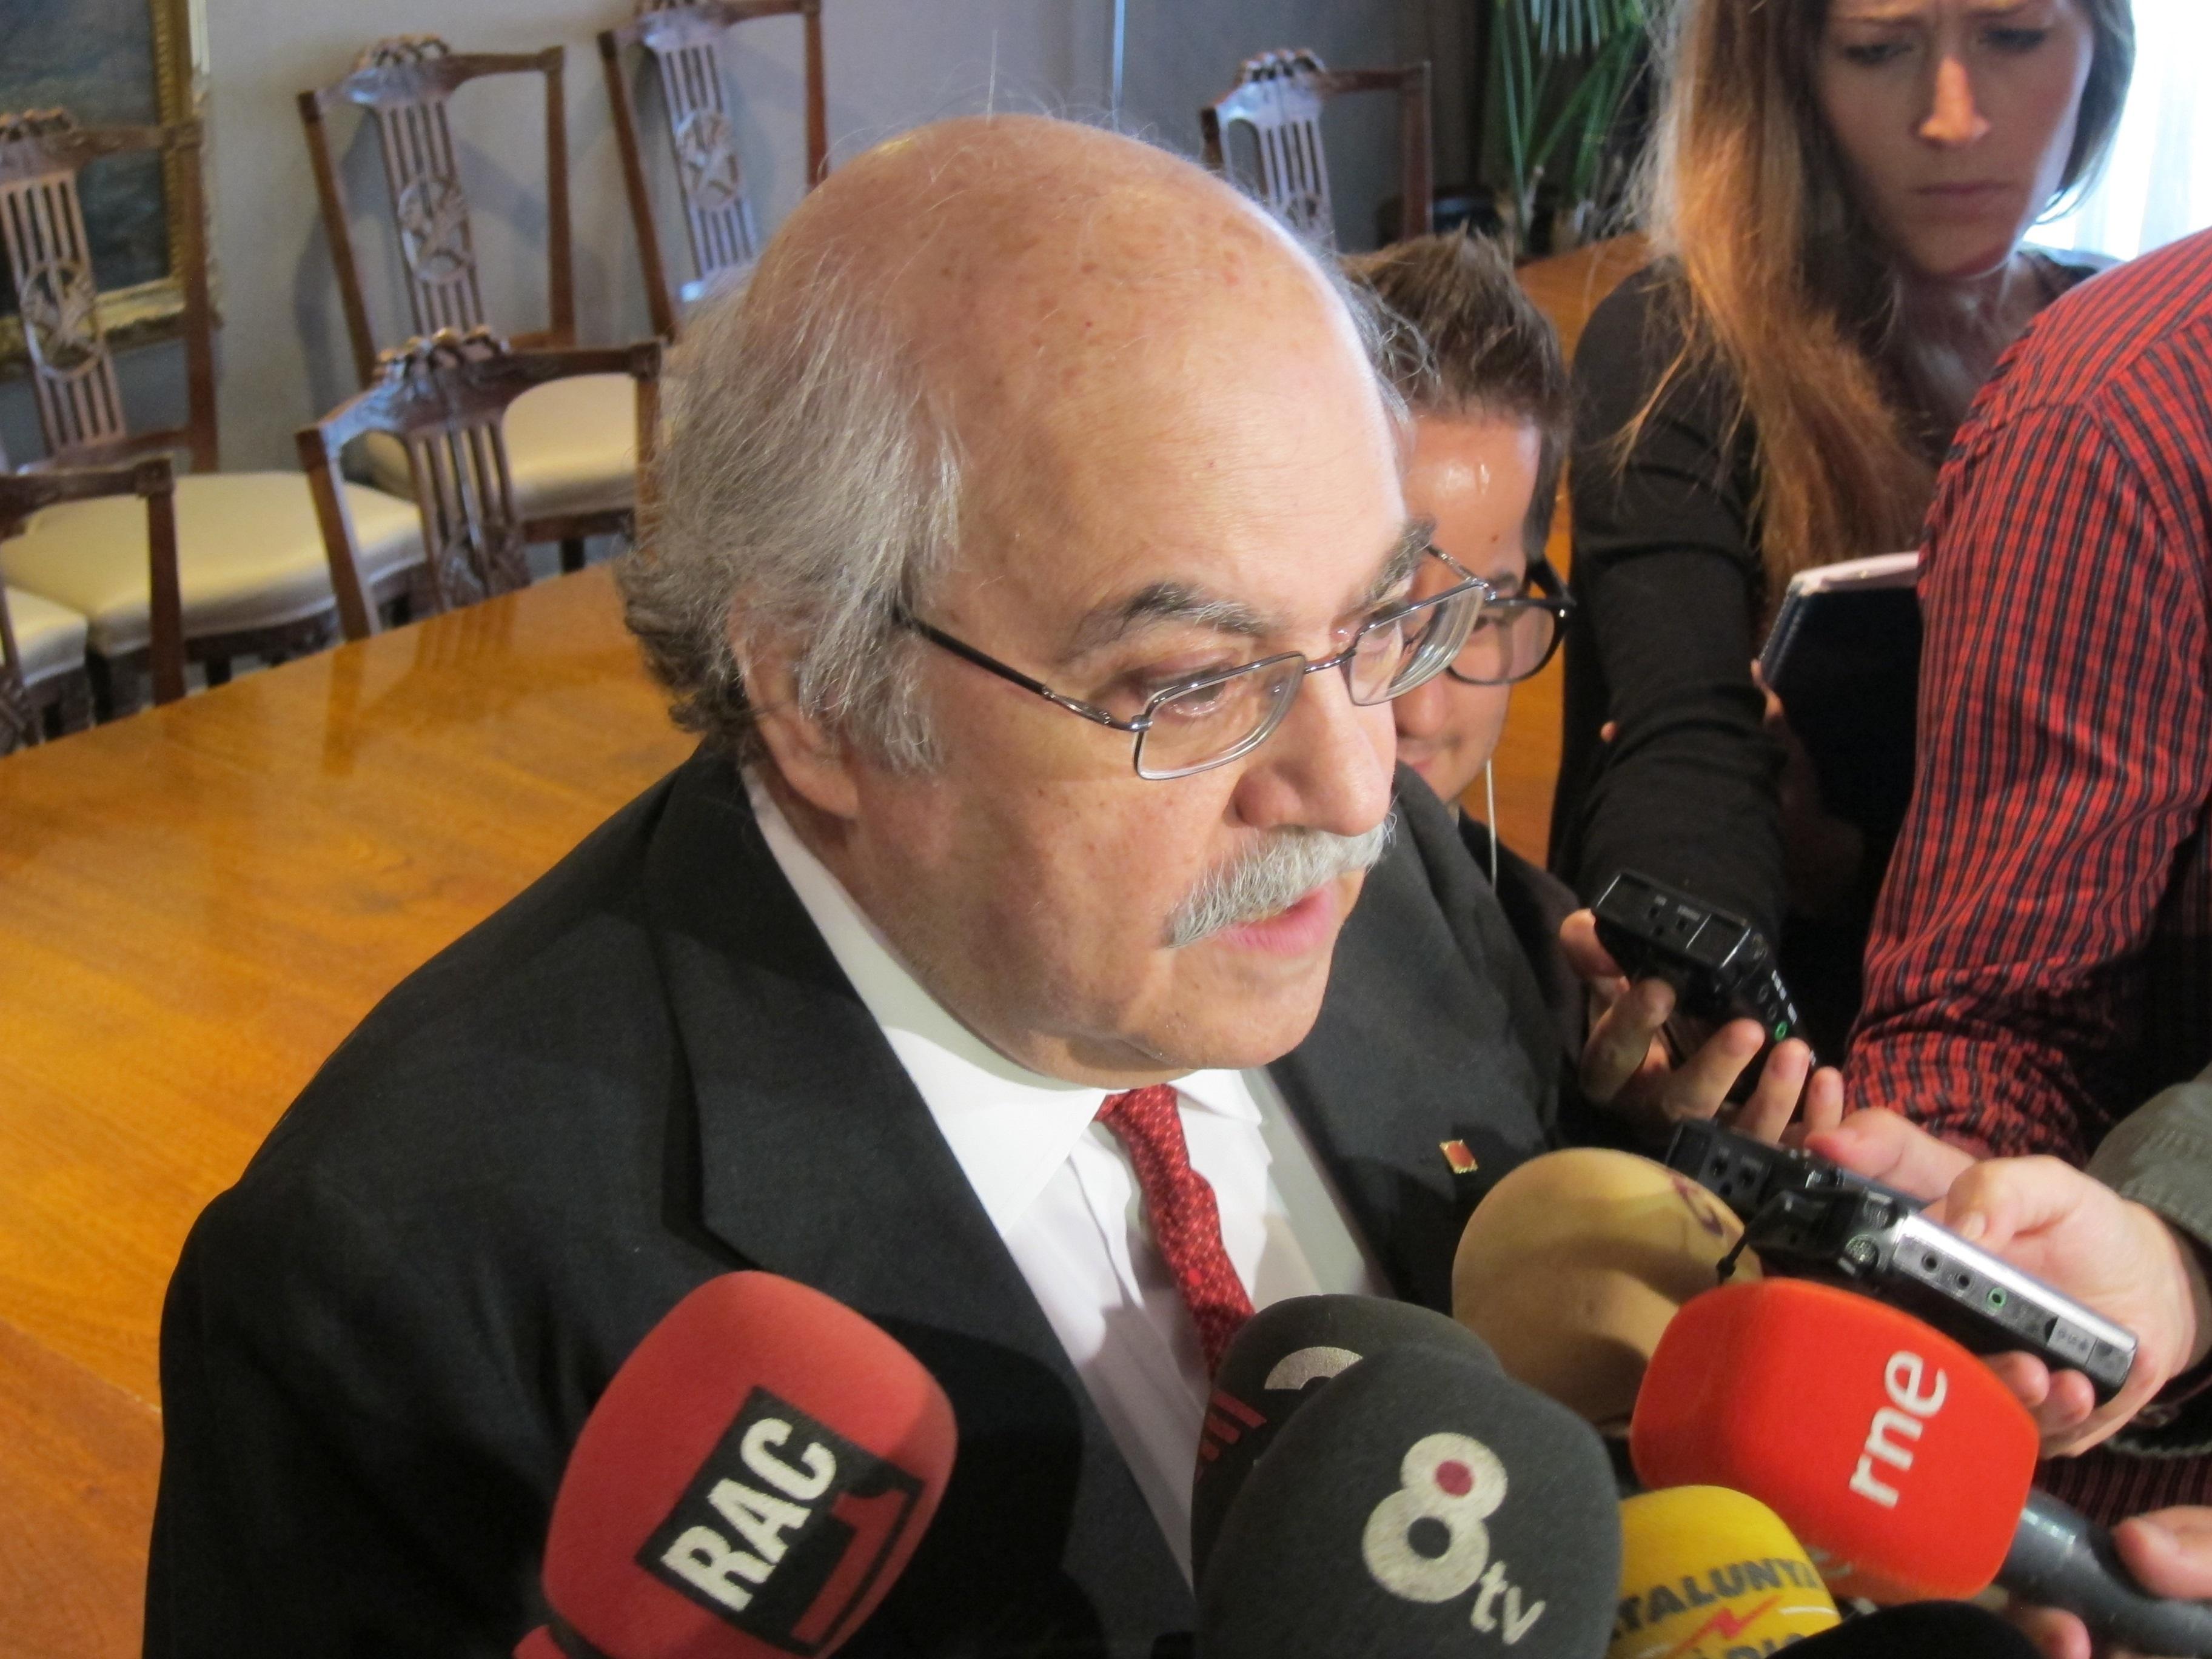 El Gobierno catalán pagará a proveedores cuando reciba la liquidez estatal, que se está retrasando